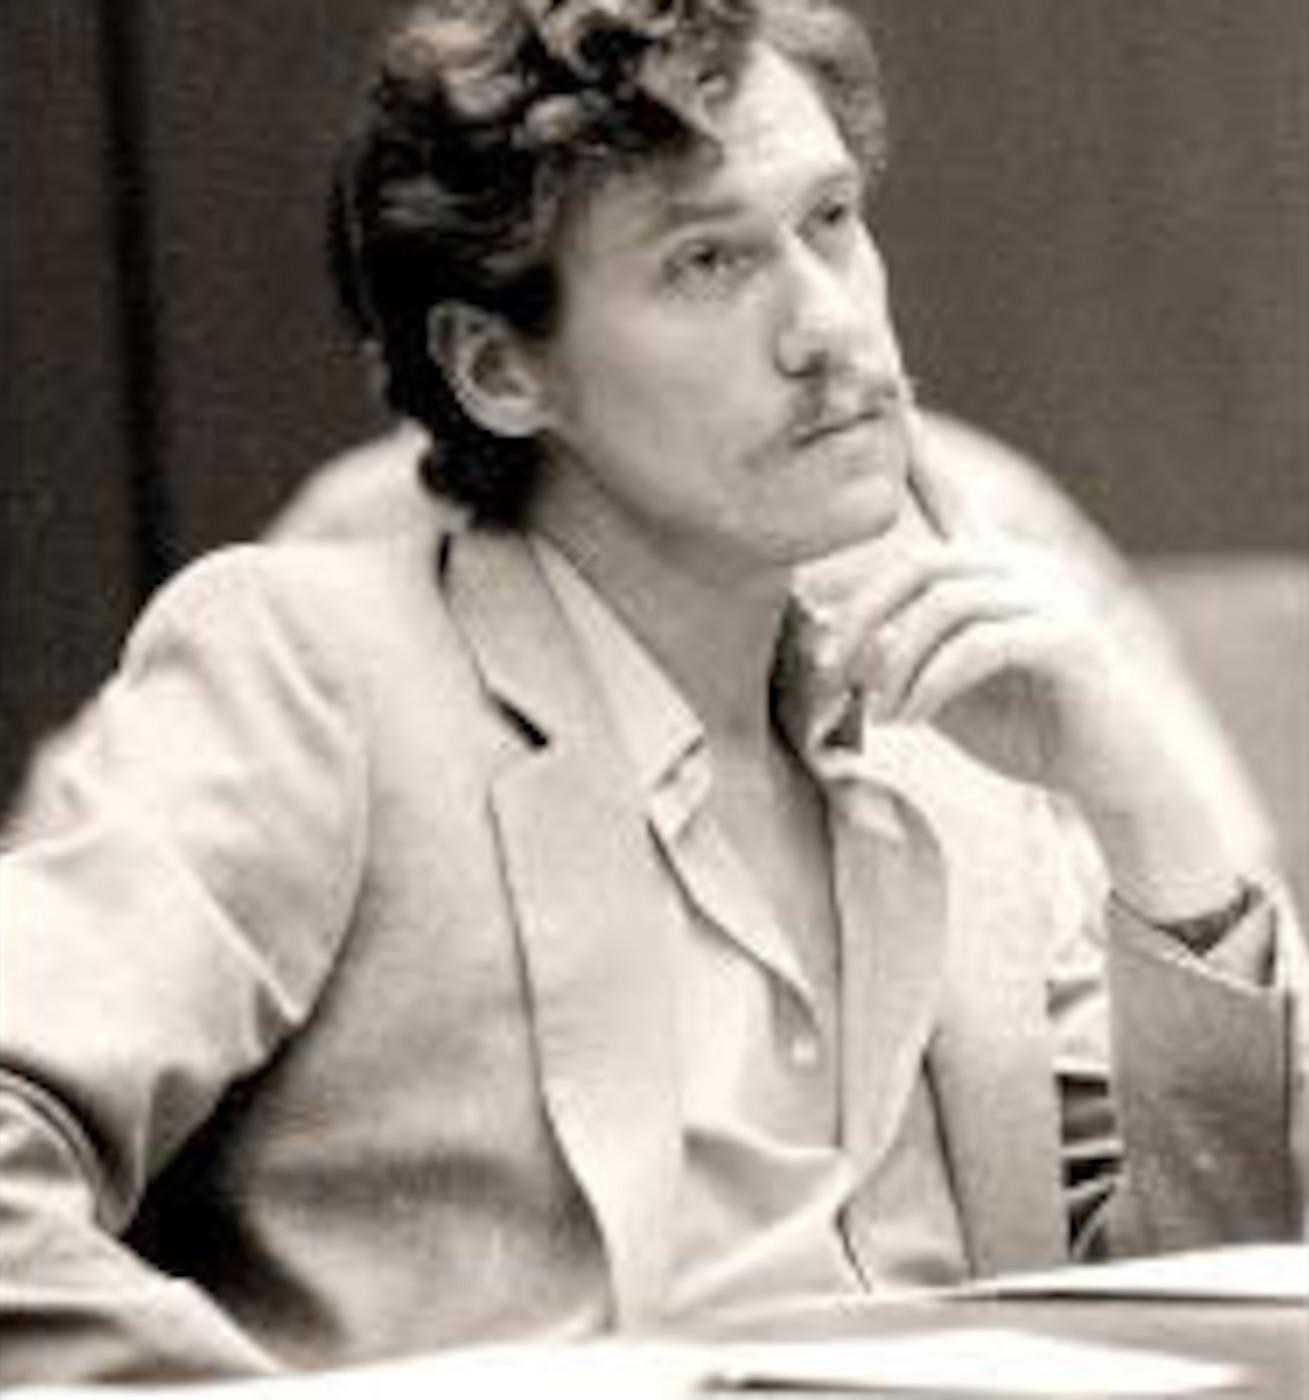 Los Angeles Morgue Files: Porn Actor John Holmes Dies at